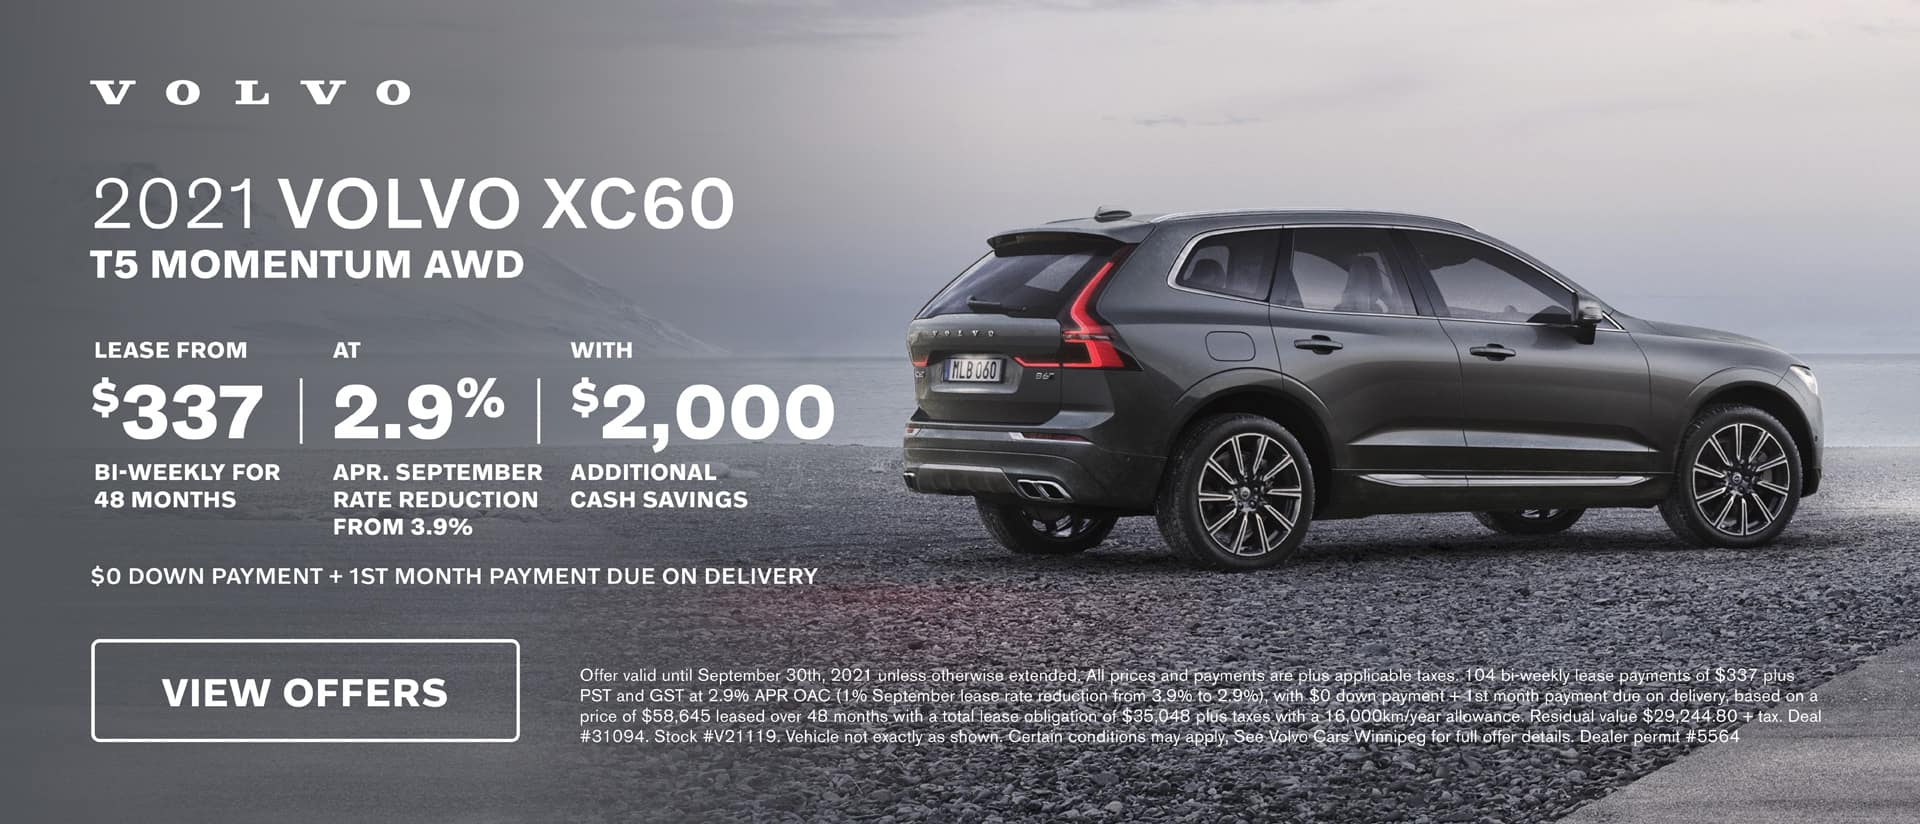 Volvo Cars Winnipeg September XC60 Offer